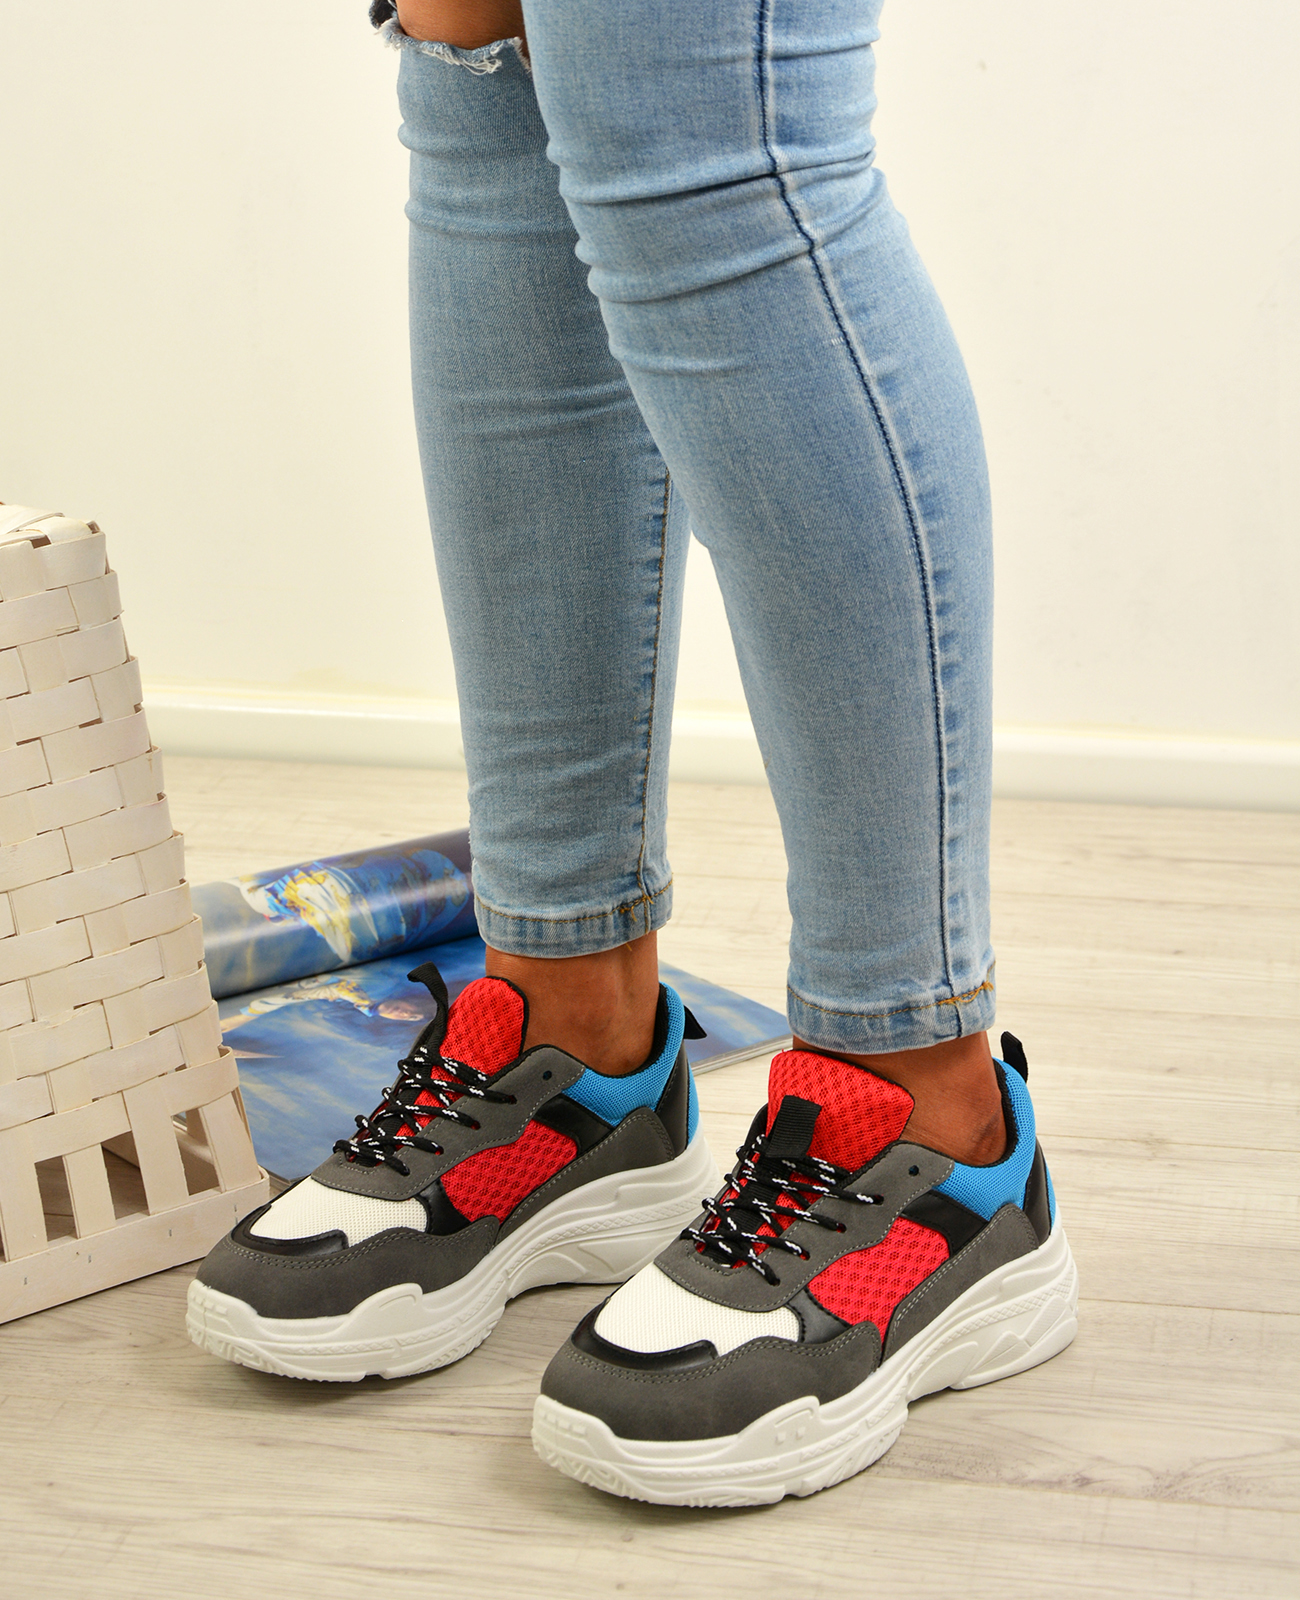 Senoras-Mujeres-Correr-Gimnasio-Zapatillas-Con-Cordones-Zapatillas-Plimsolls-Zapatos-Tallas-UK